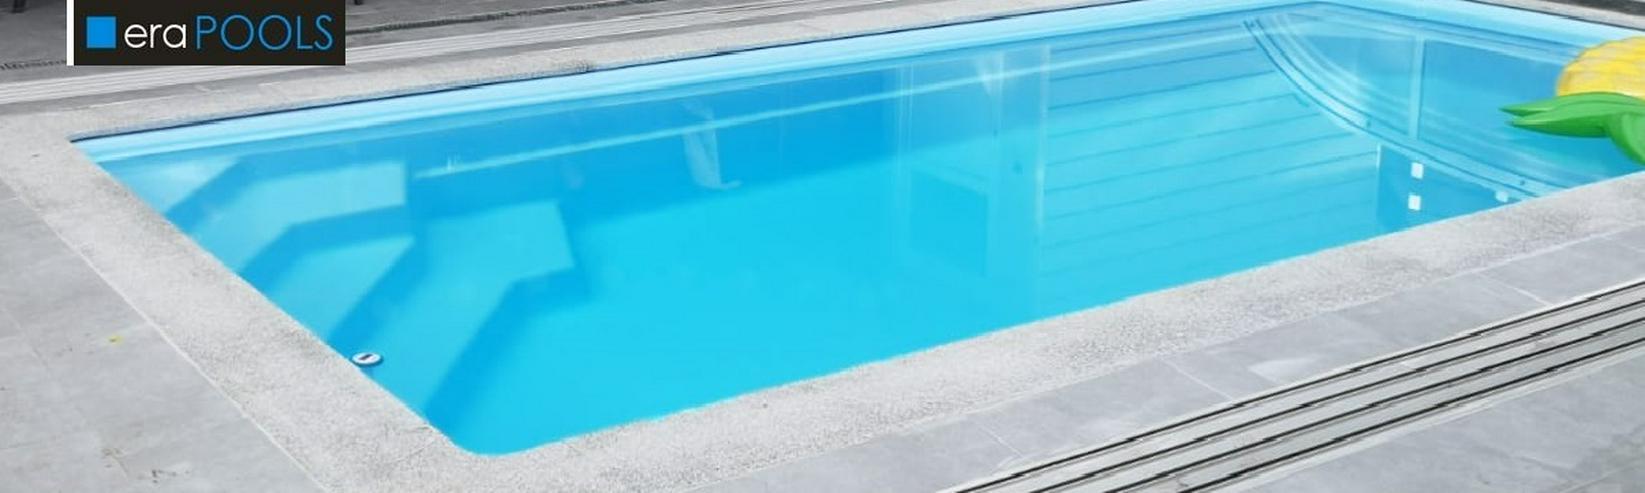 GFK Pool MINIORKA 6,30x3,10x1,50 alles Drum und Dran Schnäppchen